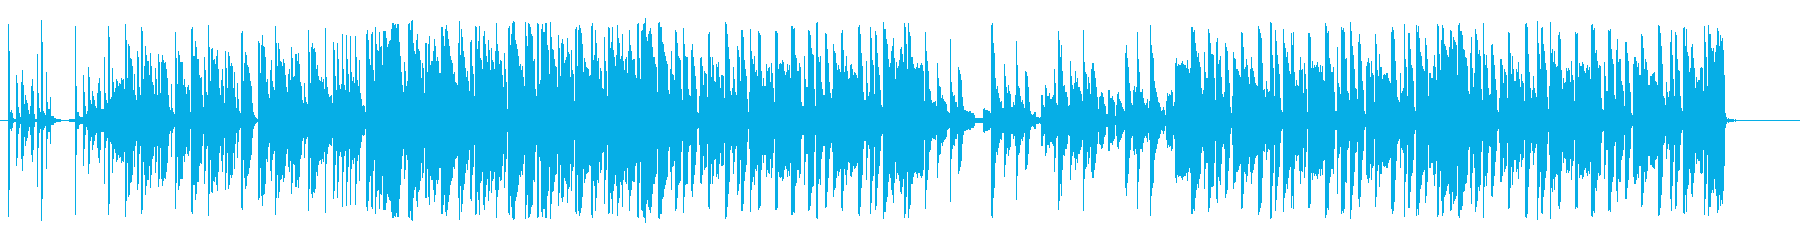 ヒップホップ トロピカルの再生済みの波形